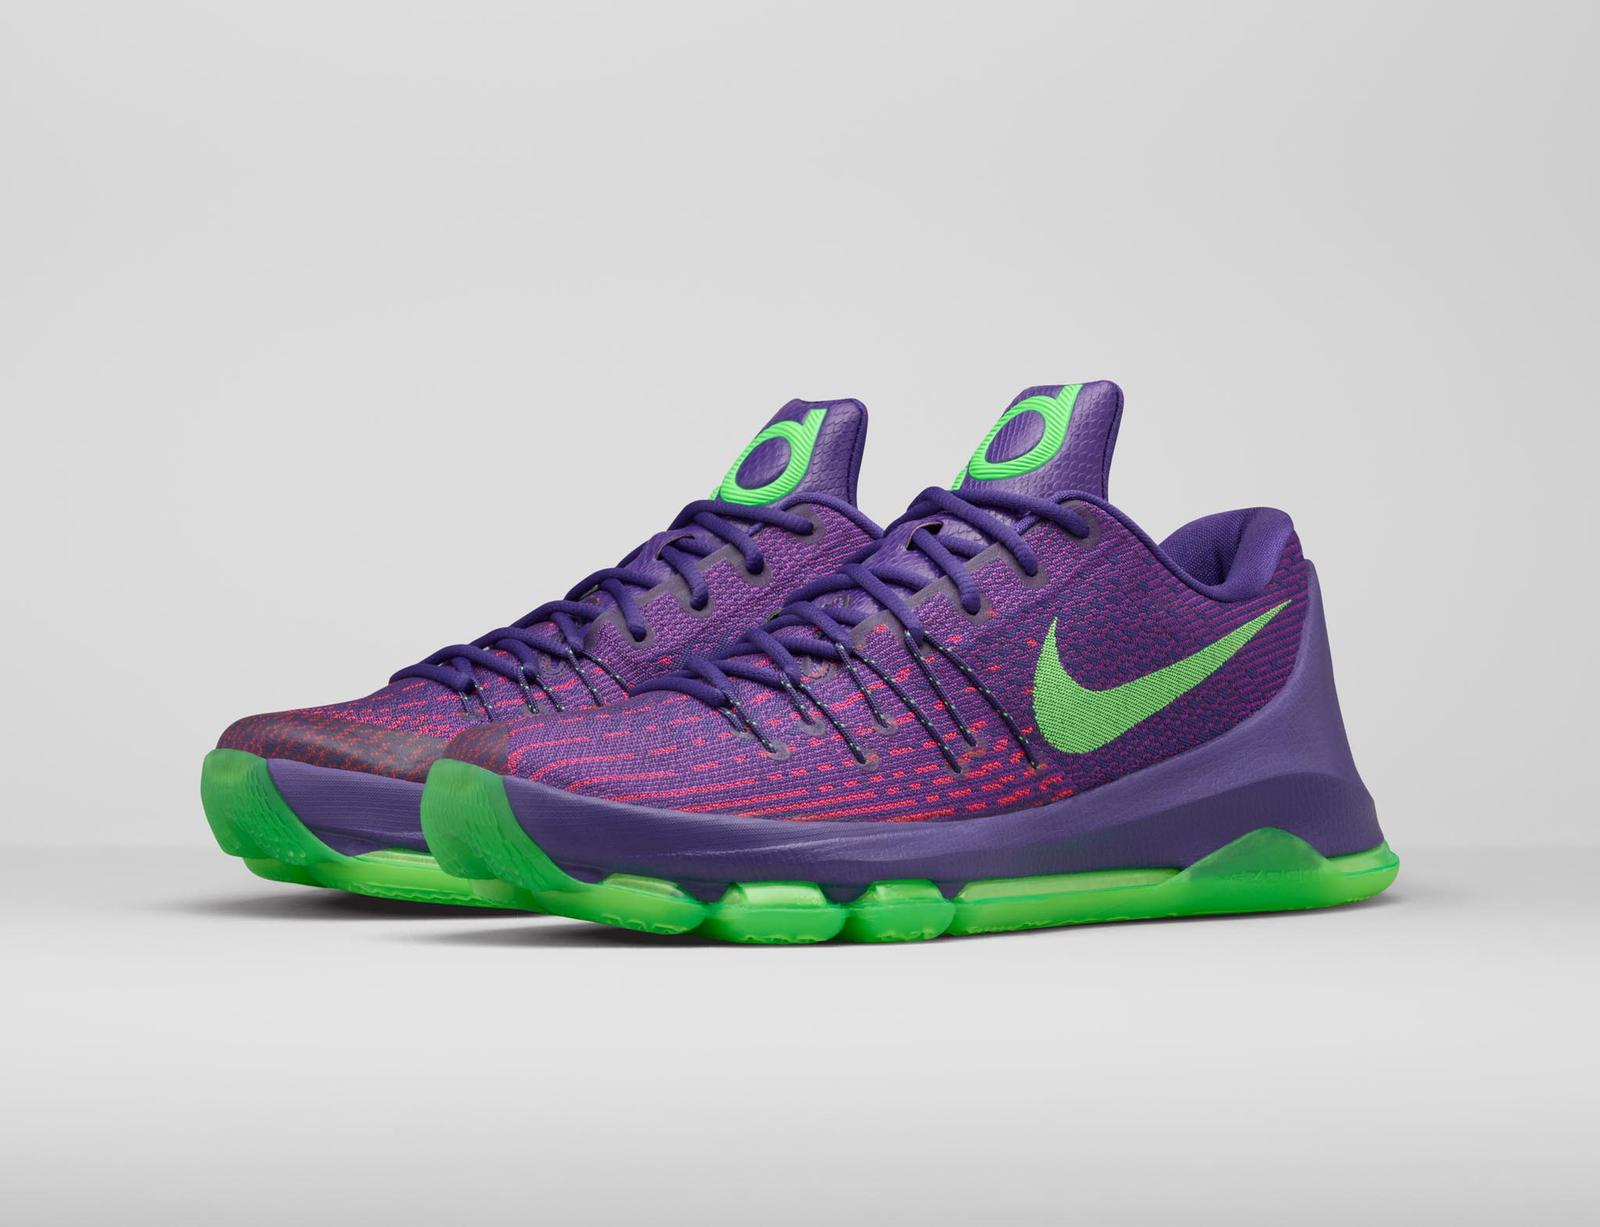 kd 8 violet Kevin Durant shoes on sale